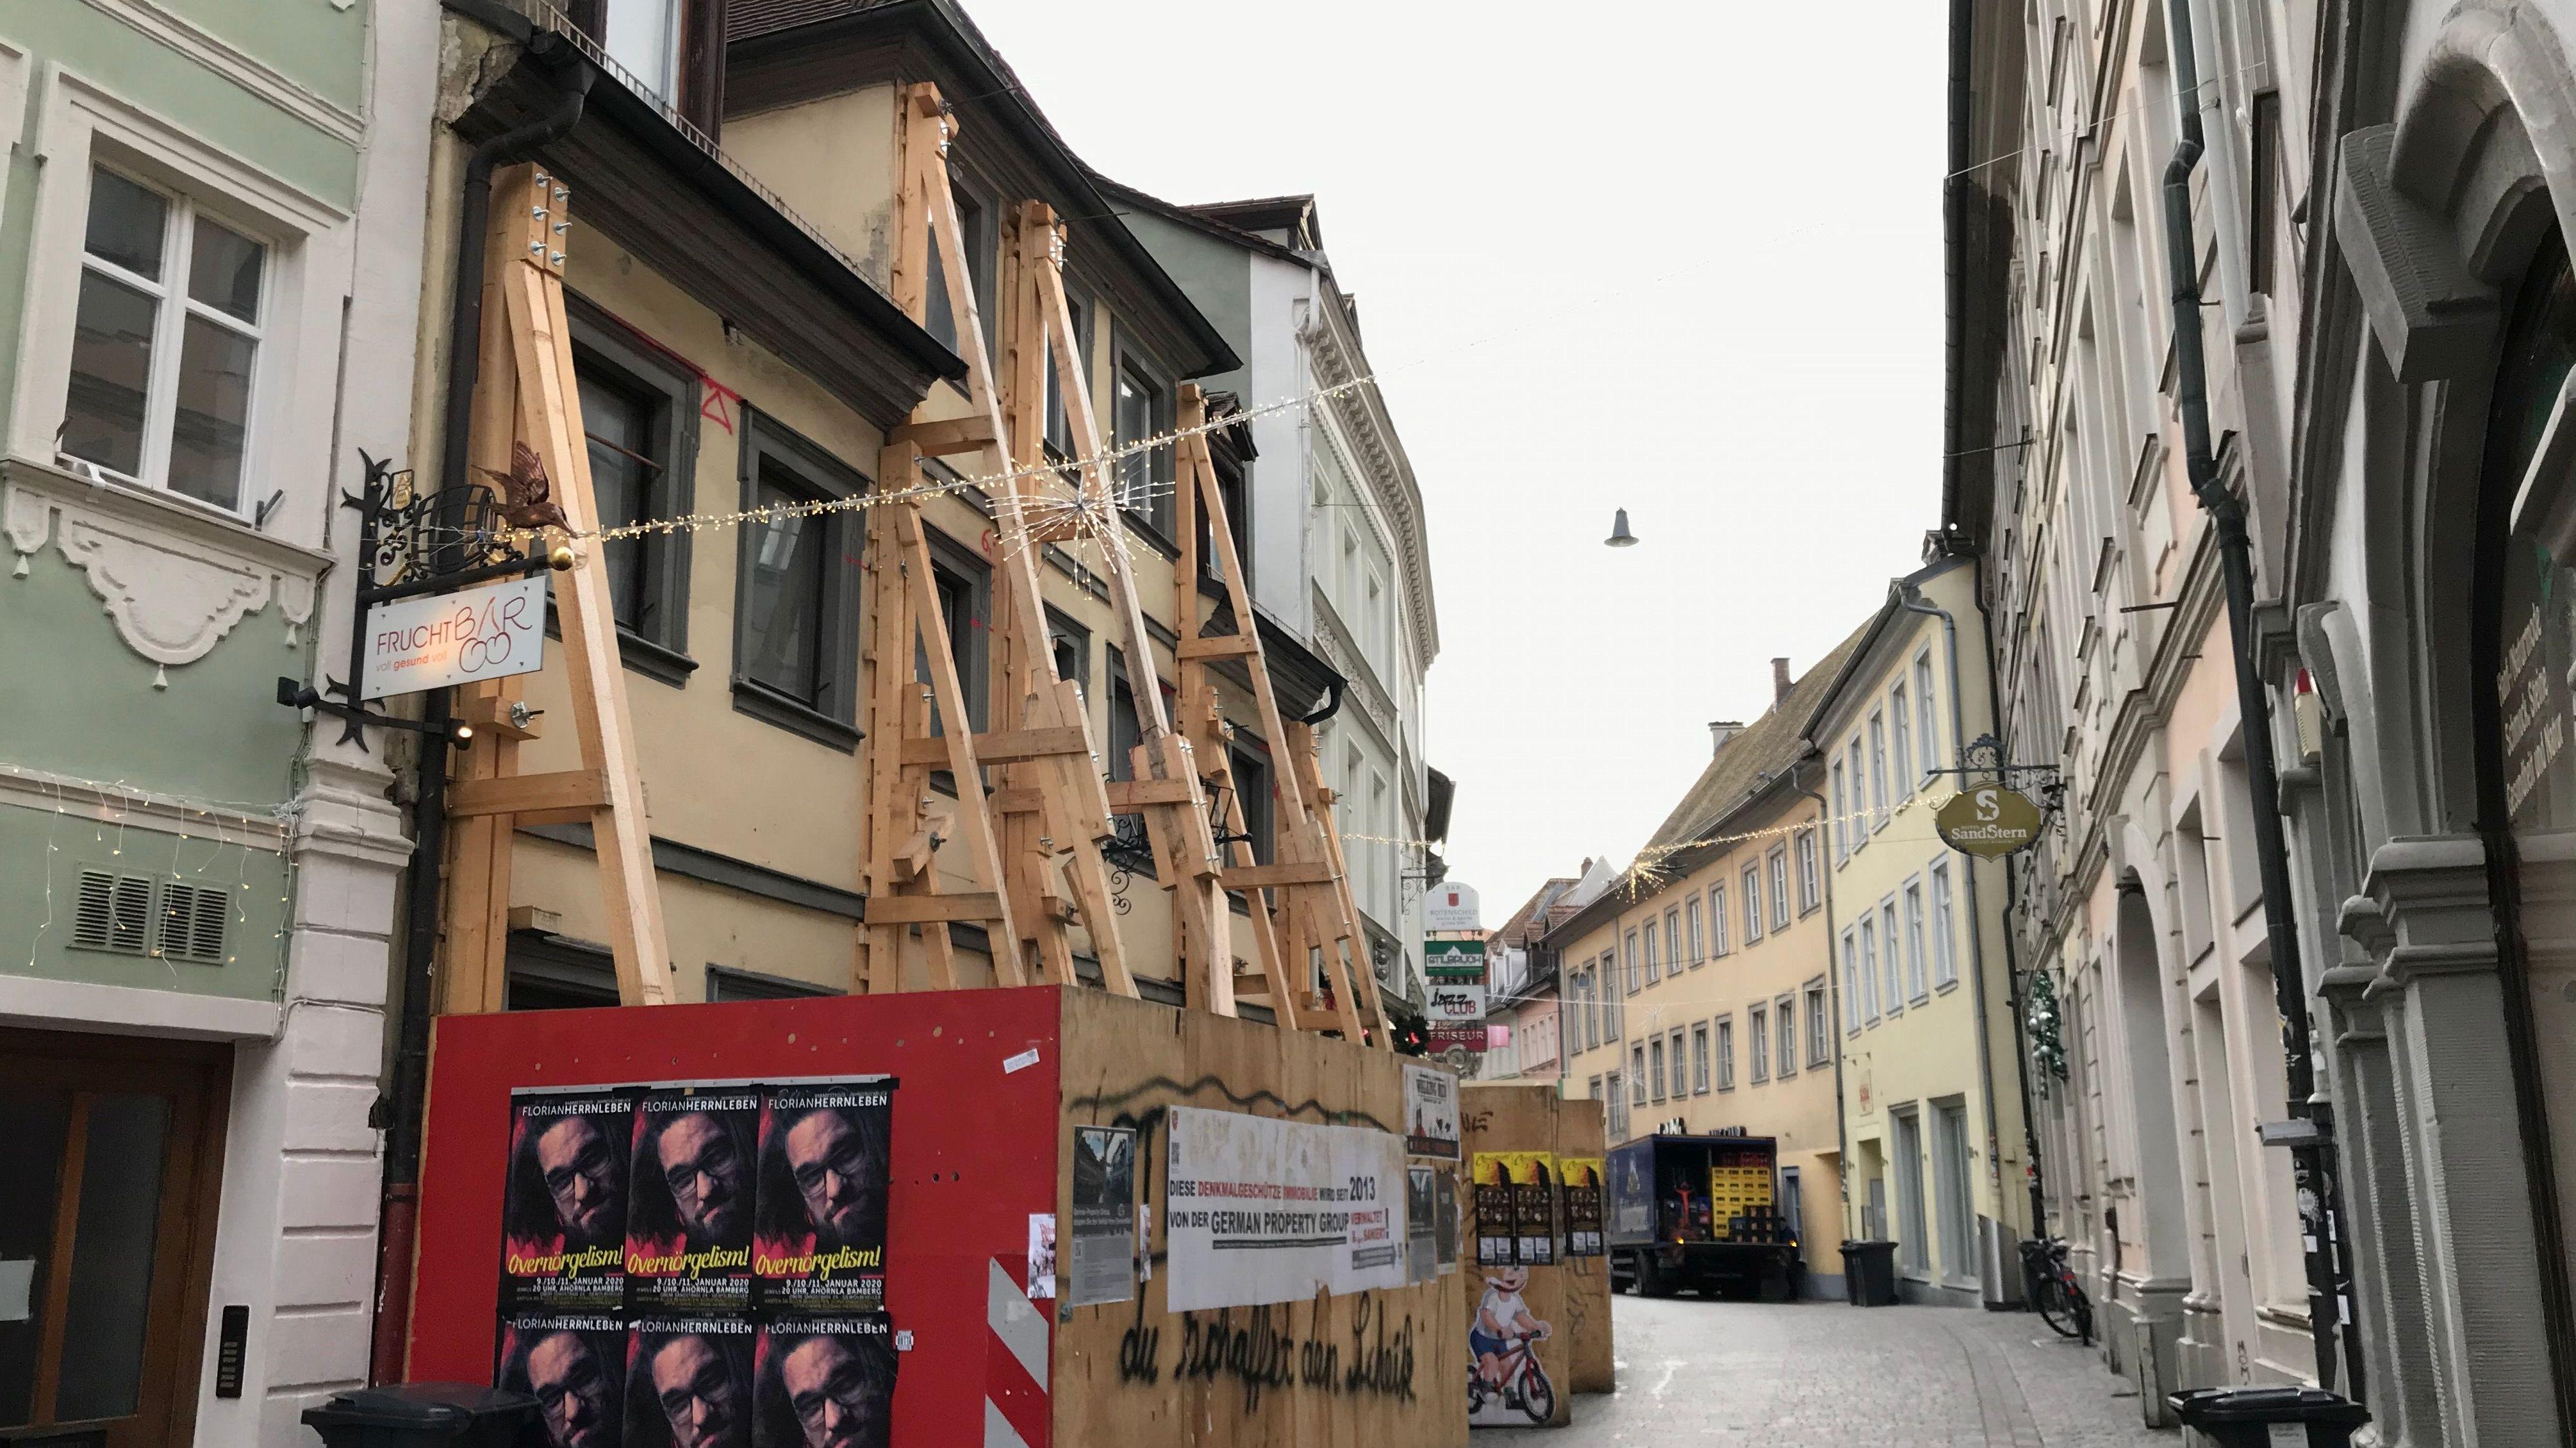 Die Fassade des einsturzgefährdeten Hauses in der Sandstraße in Bamberg ist mit Holzbalken abgestützt.